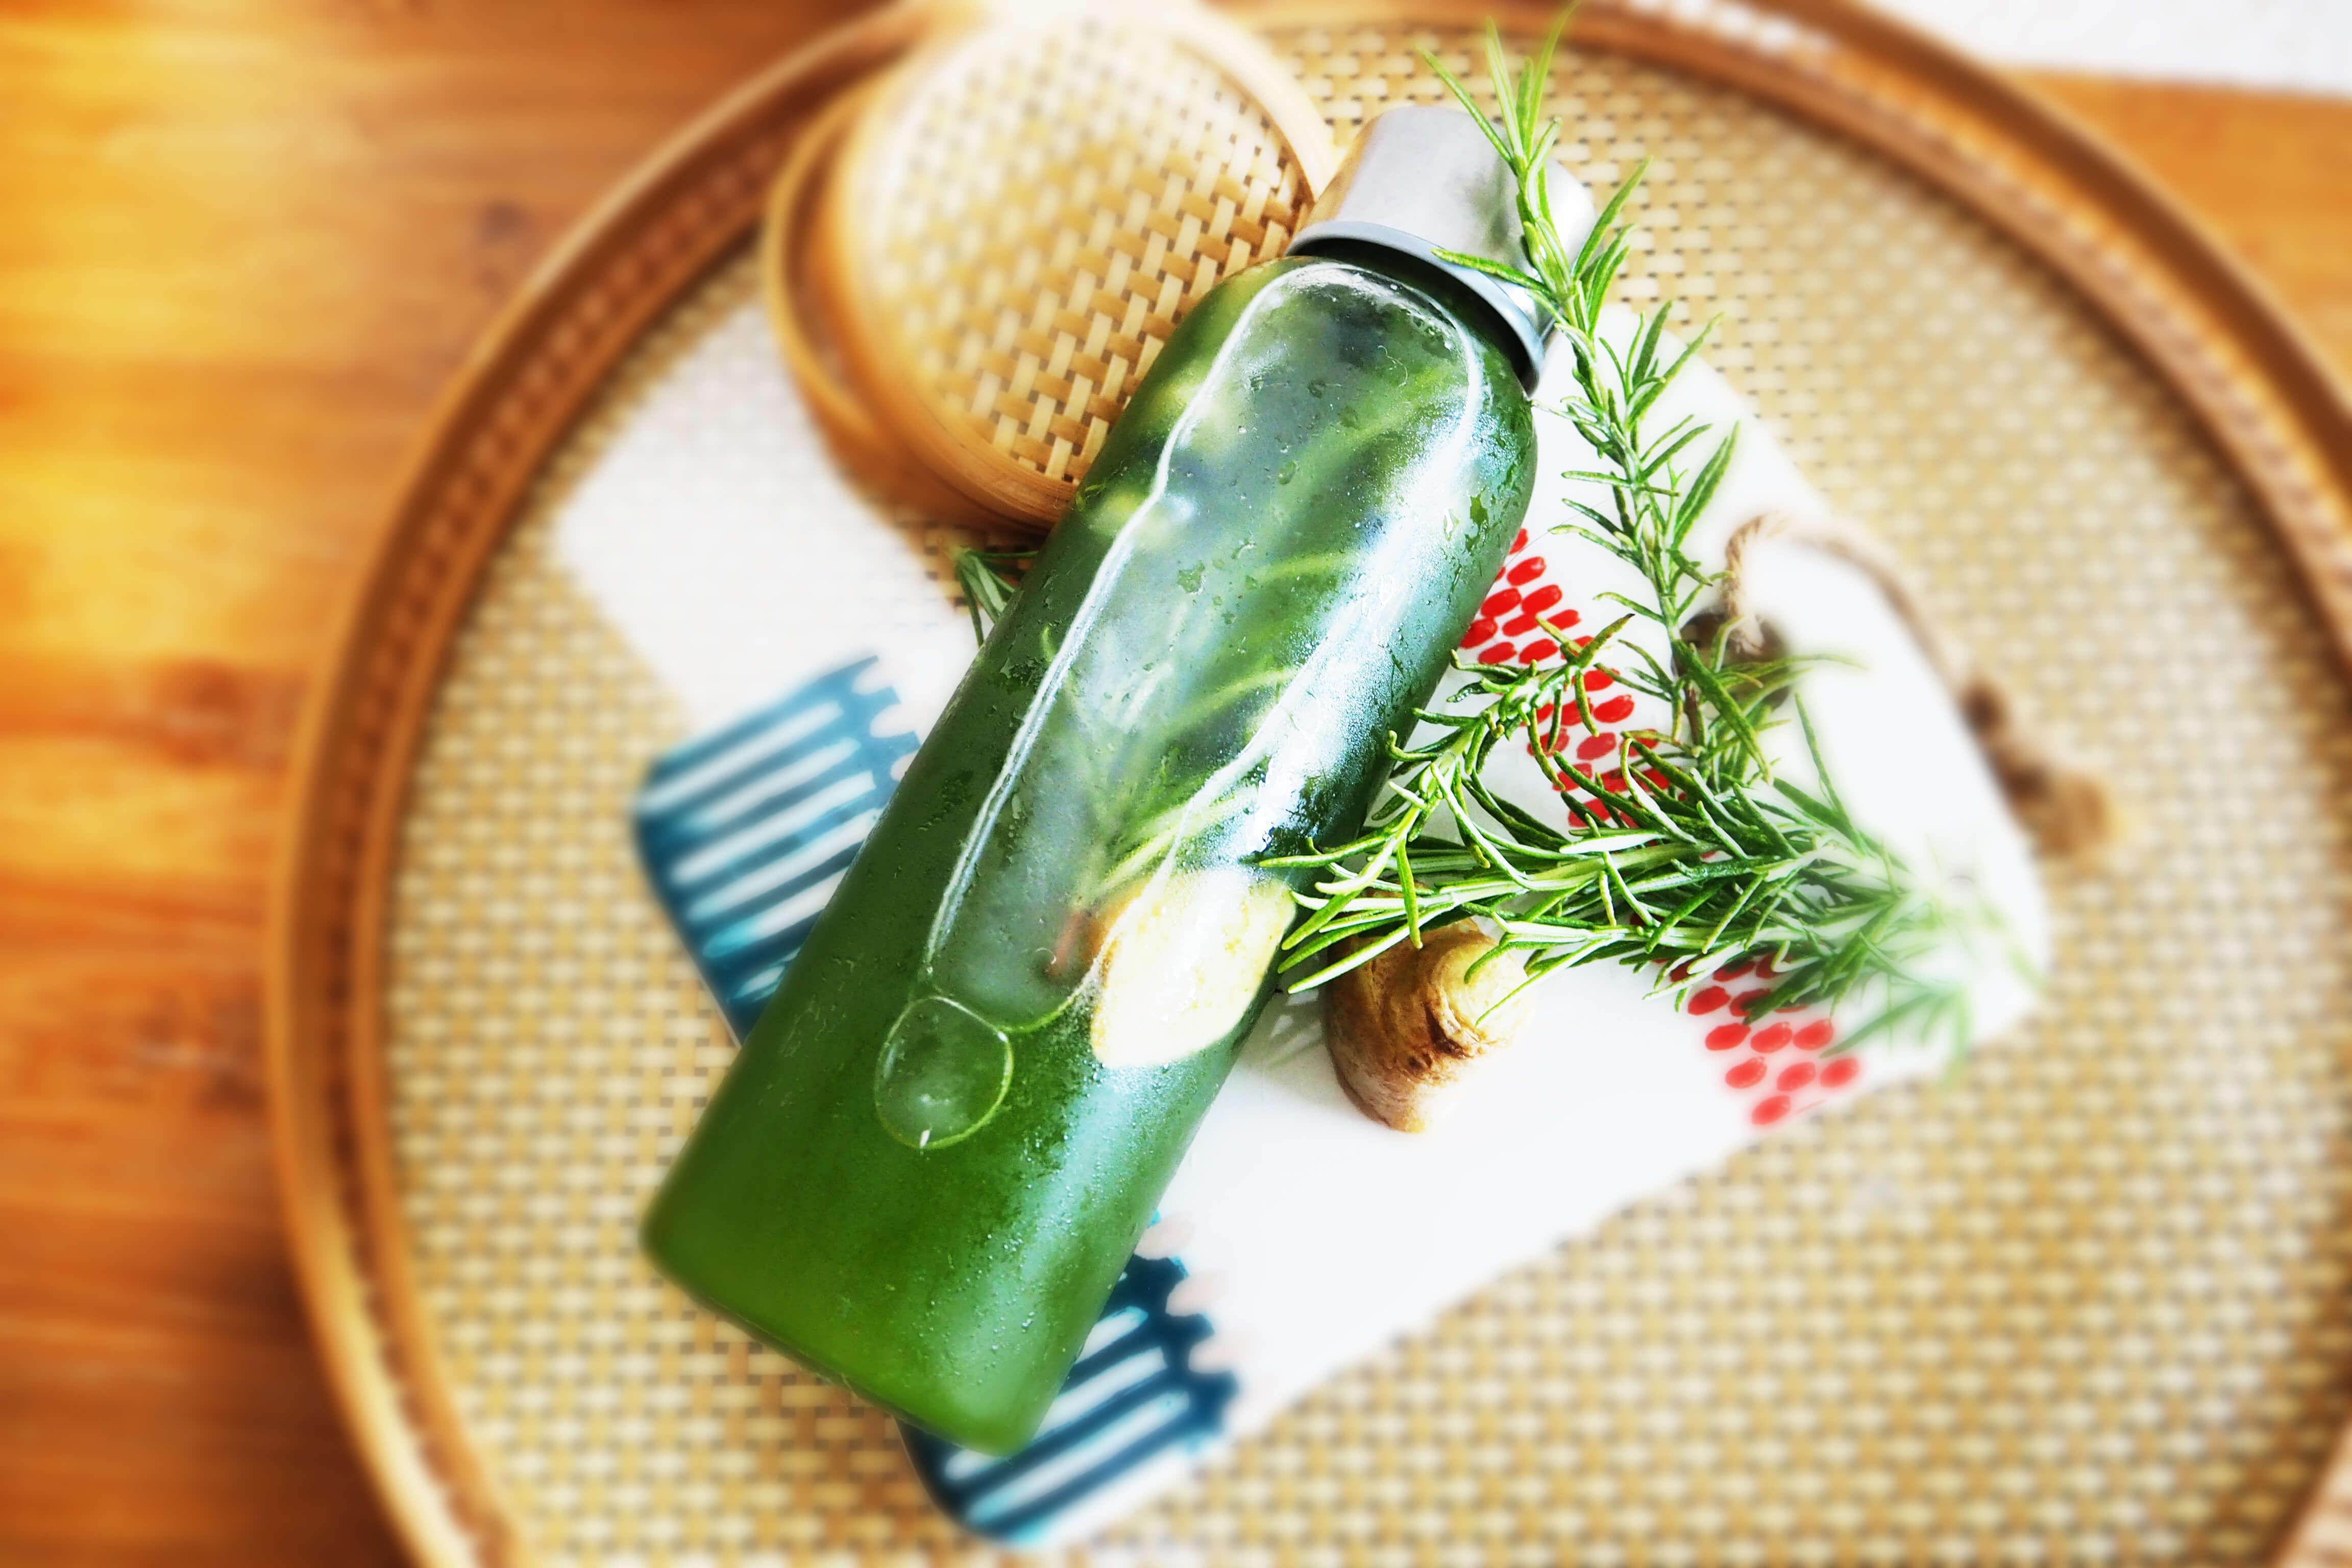 【快腸レシピ】するっと抹茶のグリーンボトルウォーター(ハーブ)